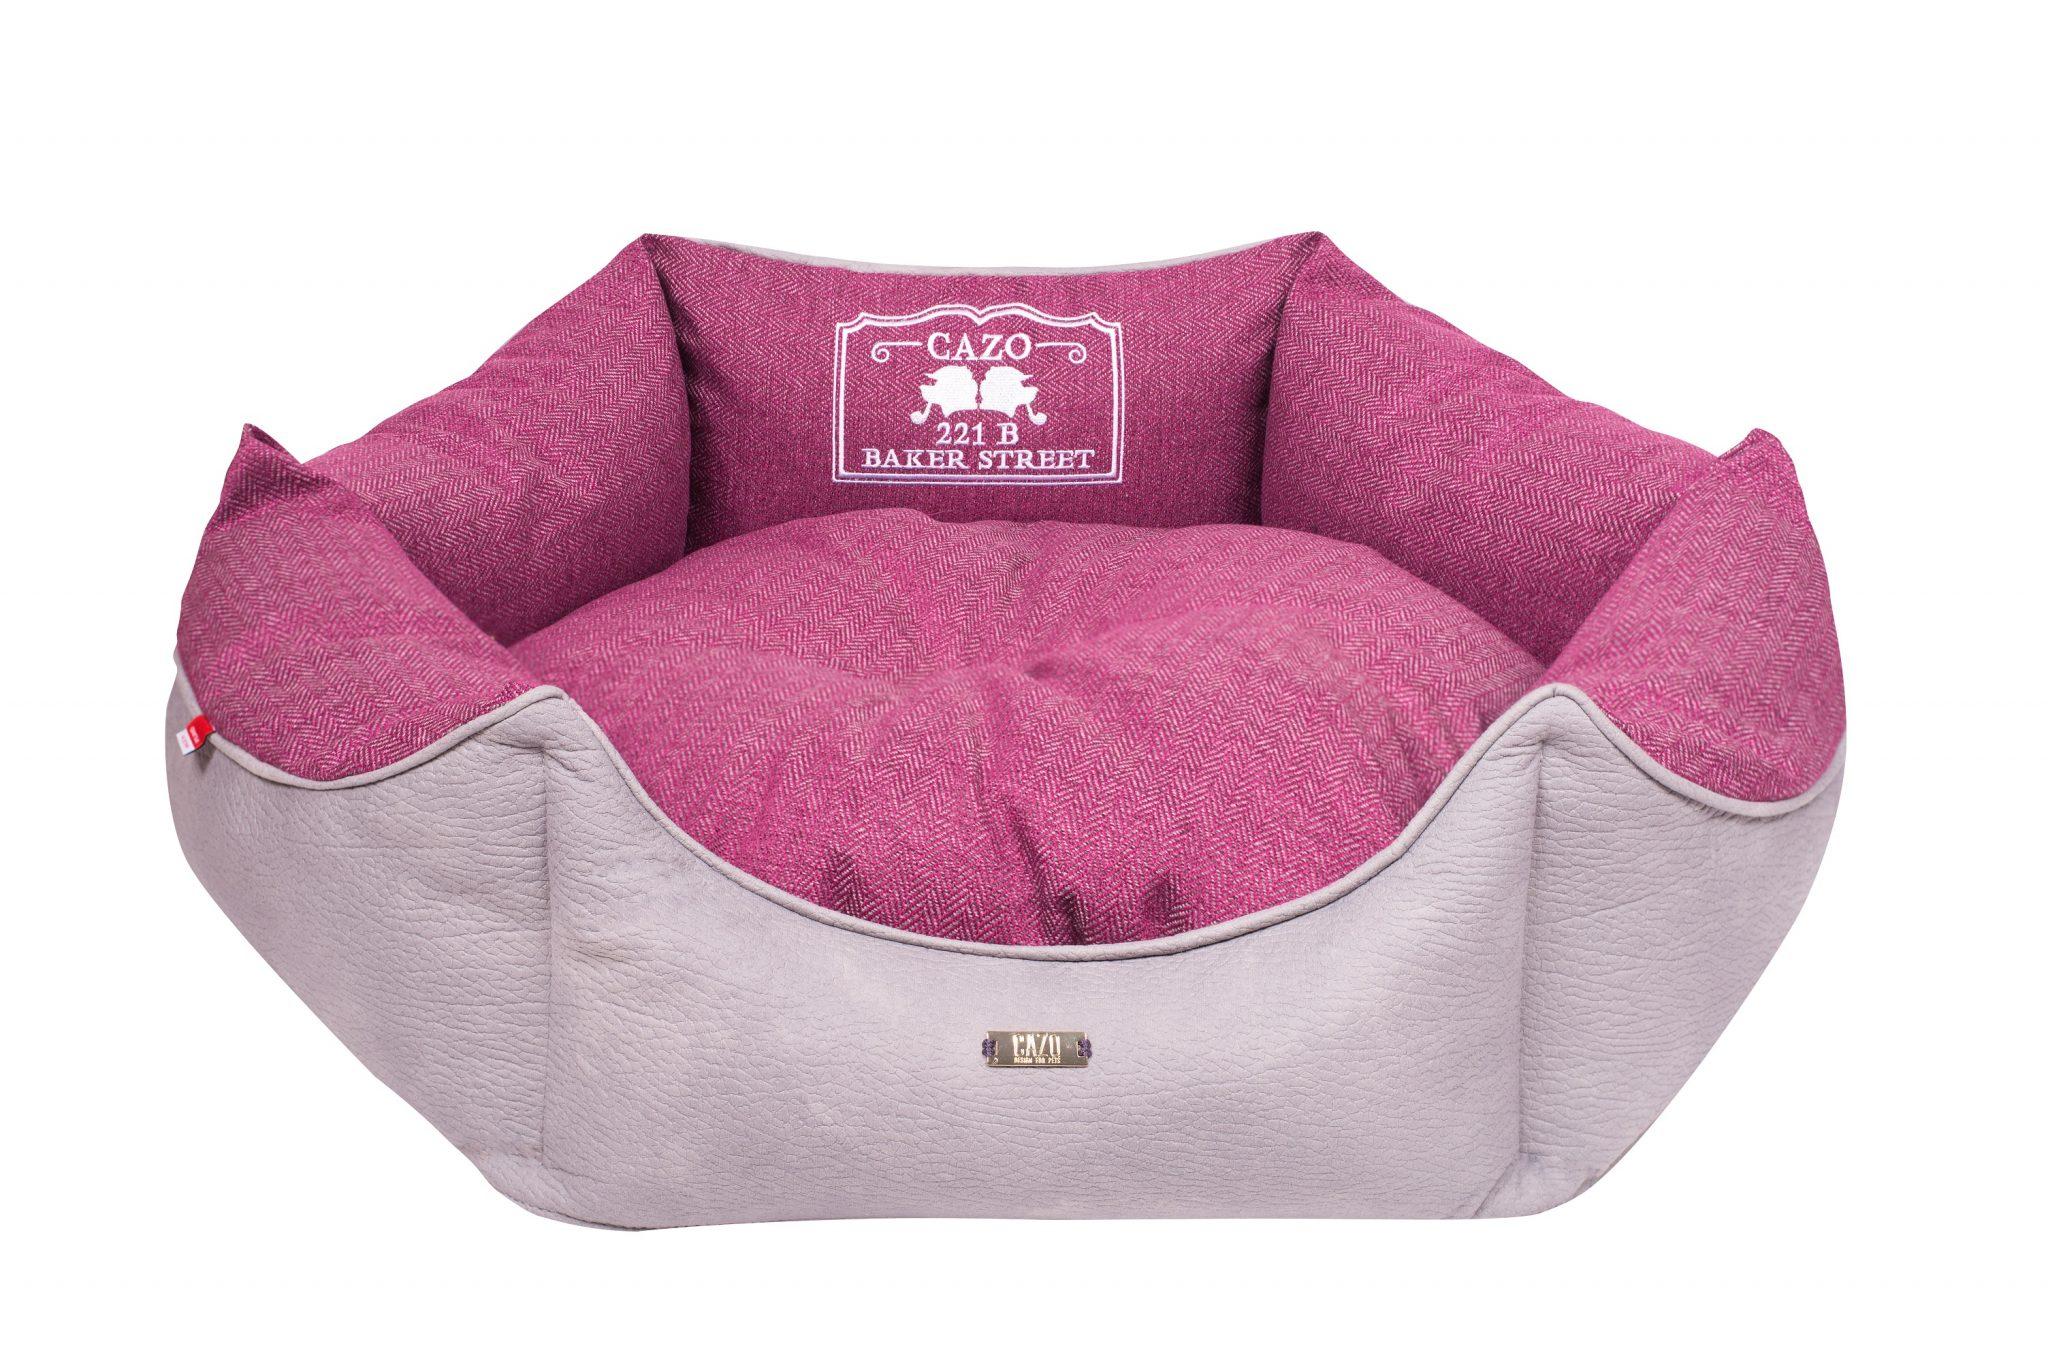 Pelech Cazo Baker street King ružový je pohodlný a kvalitný pelech pre psa alebo mačku. Moderný dizajn, komfort, kvalitné spracovanie materiálov a jednoduchá údržba.